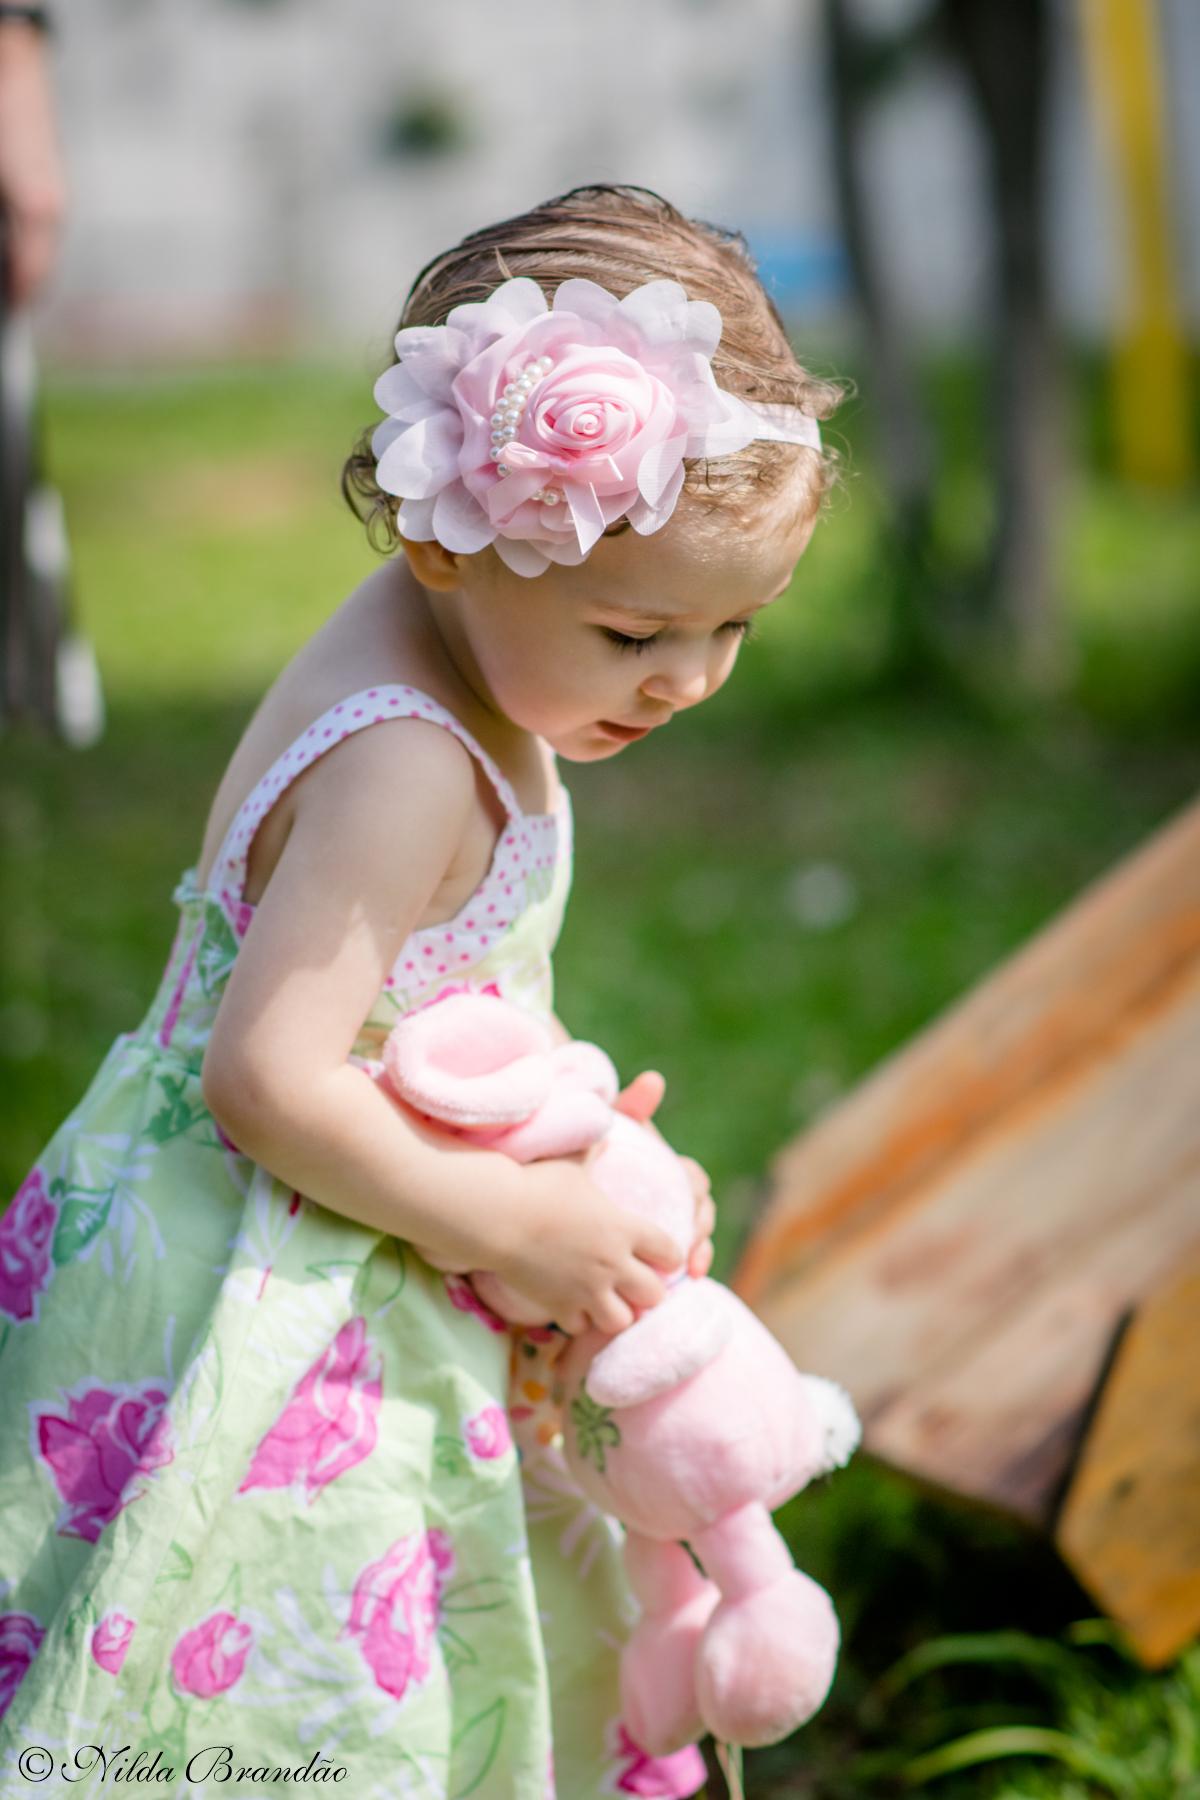 Aniversariante brincando com seu coleho de pelucia no jardim de casa.